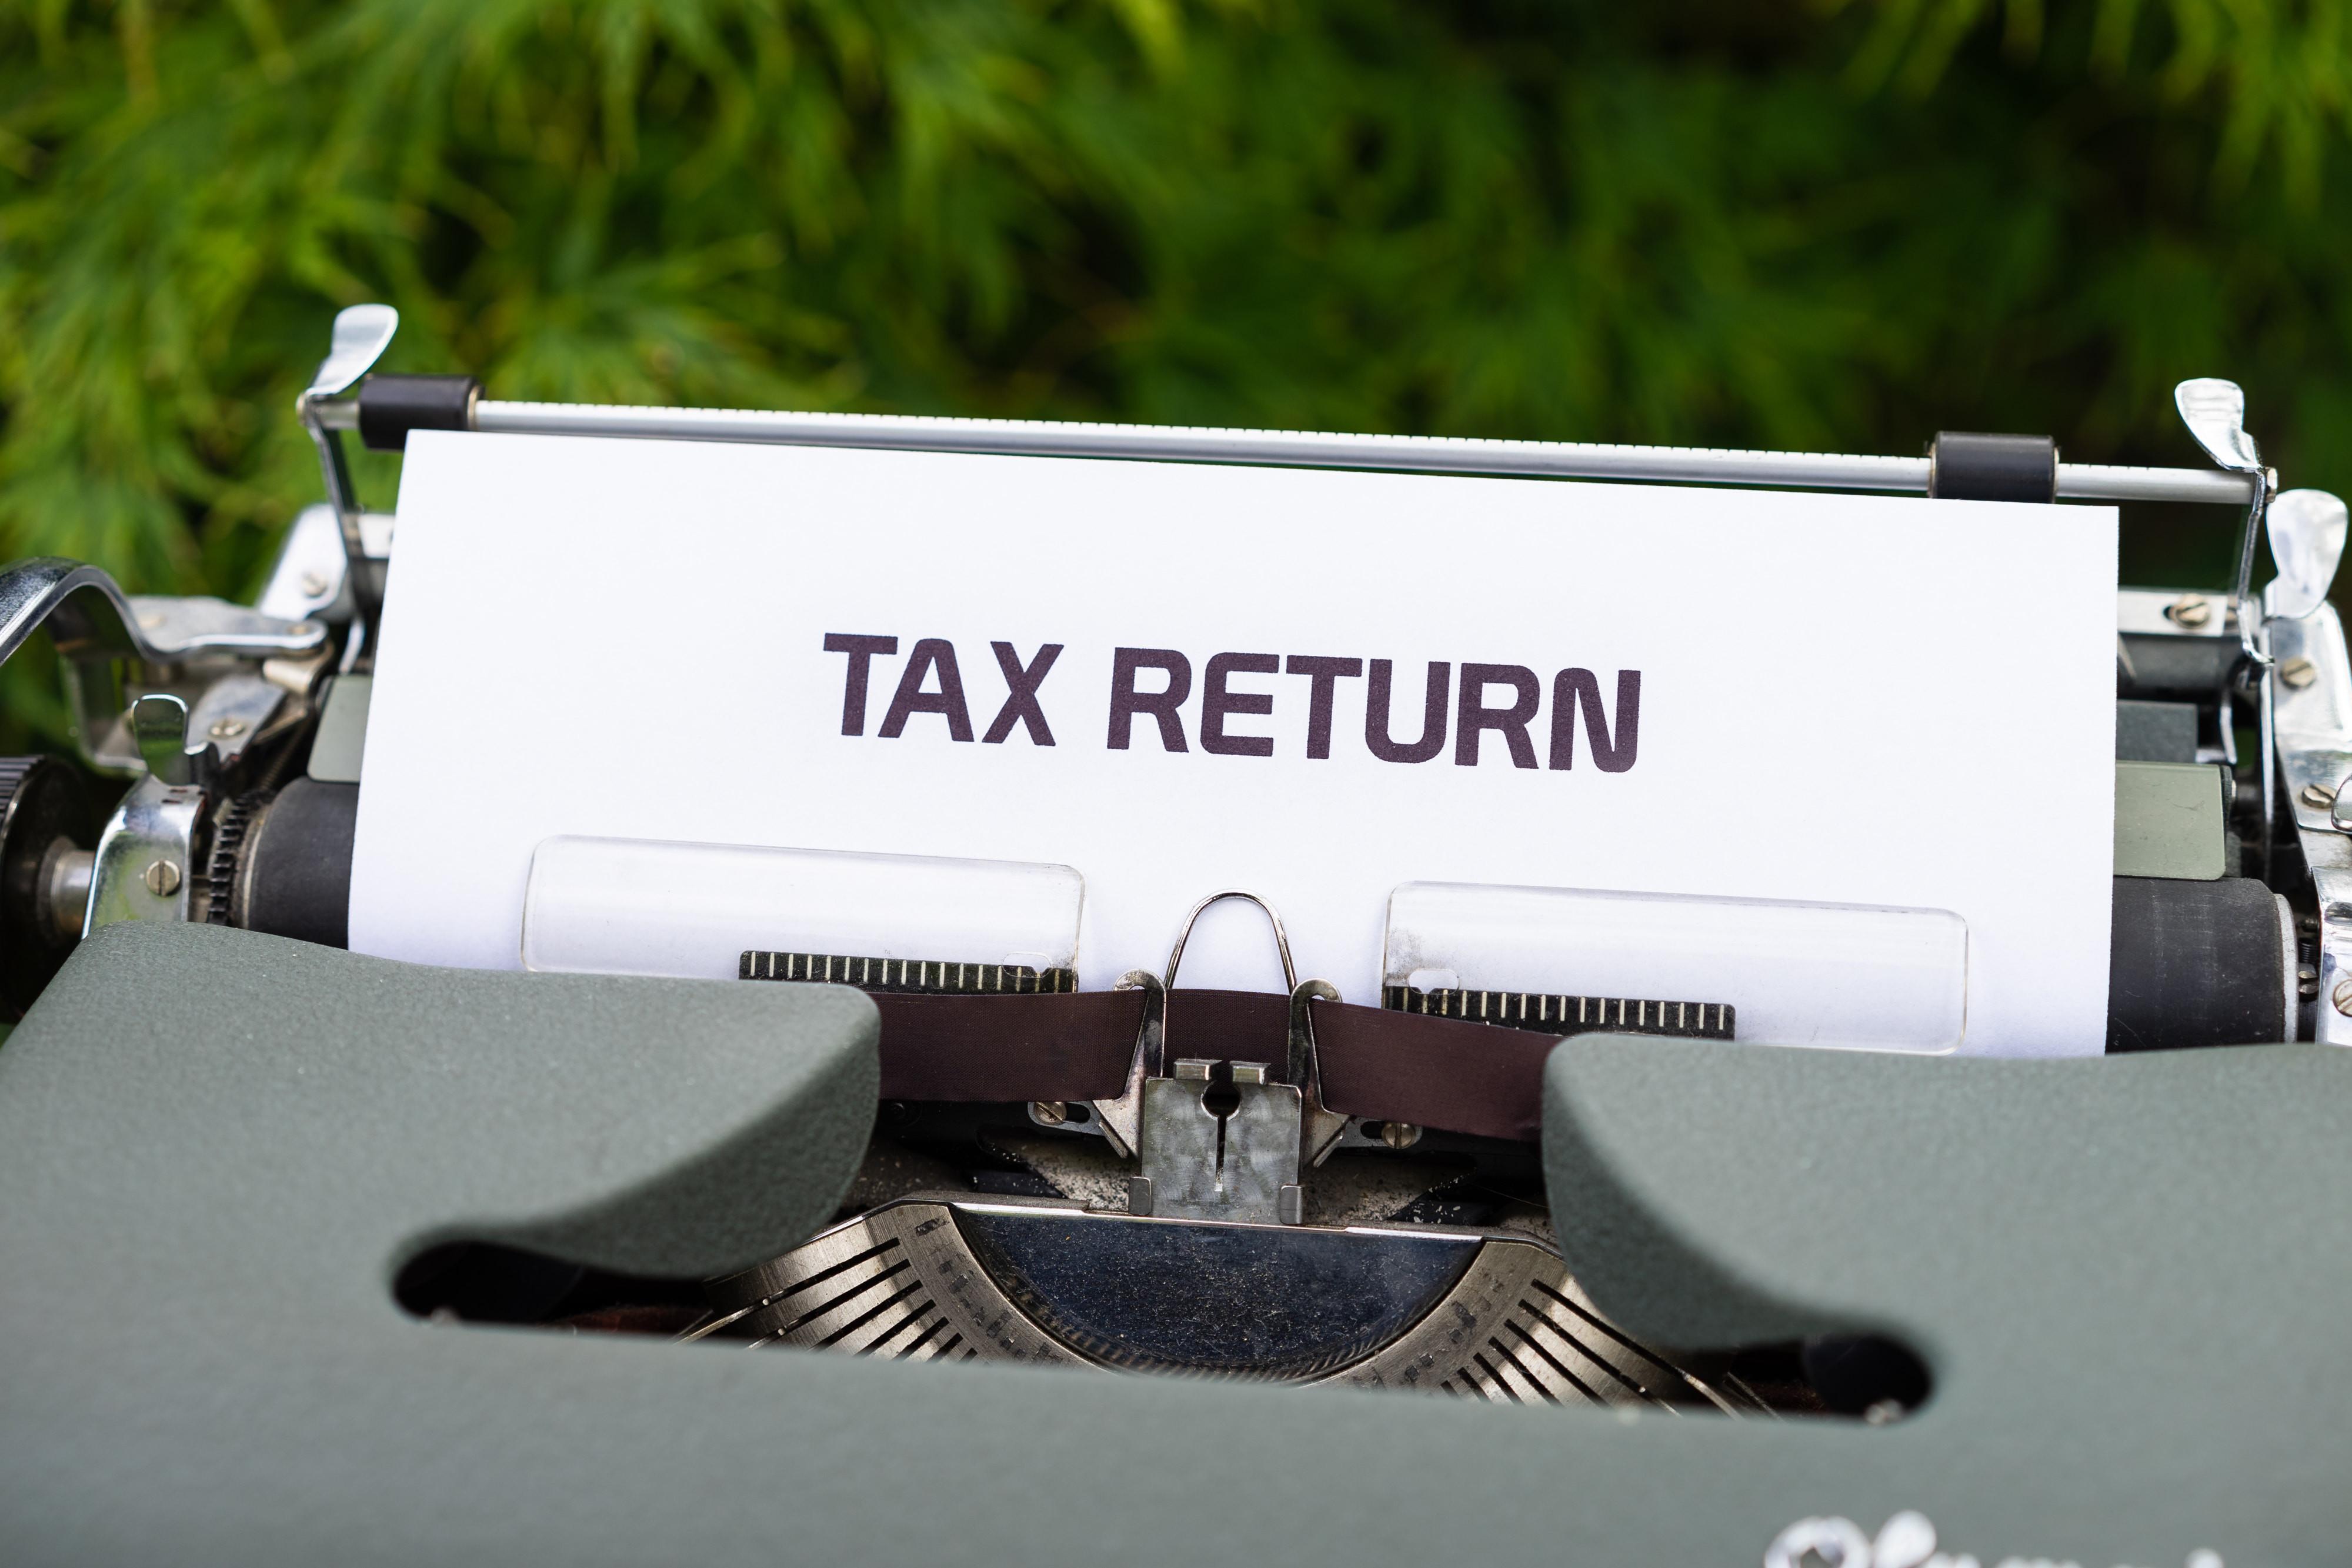 วางแผนระบบภาษีส่วนบุคคล